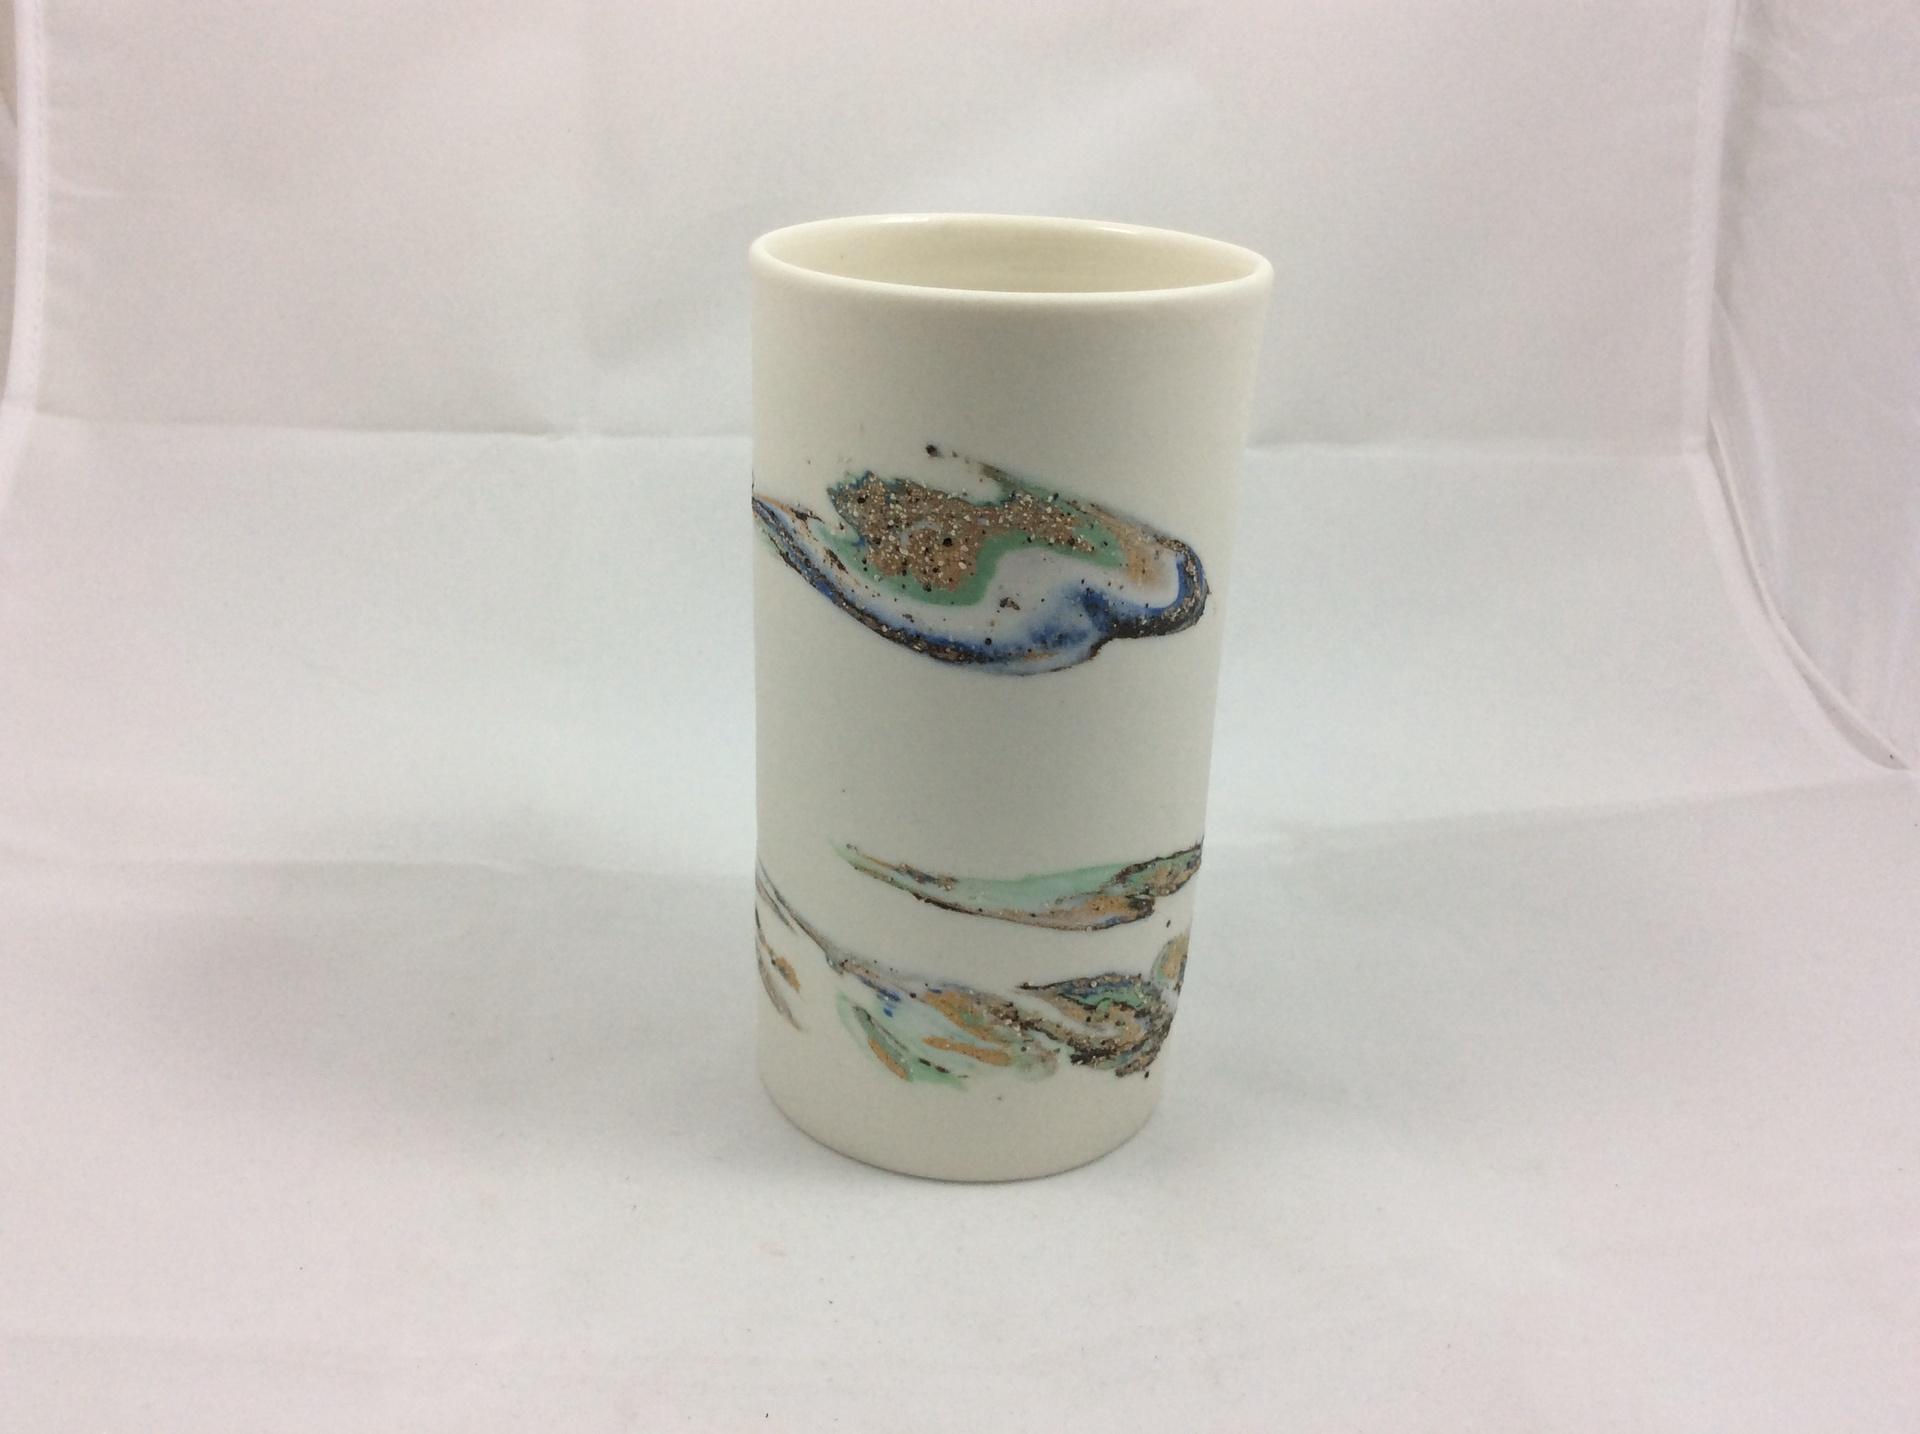 Strata Vase - Small